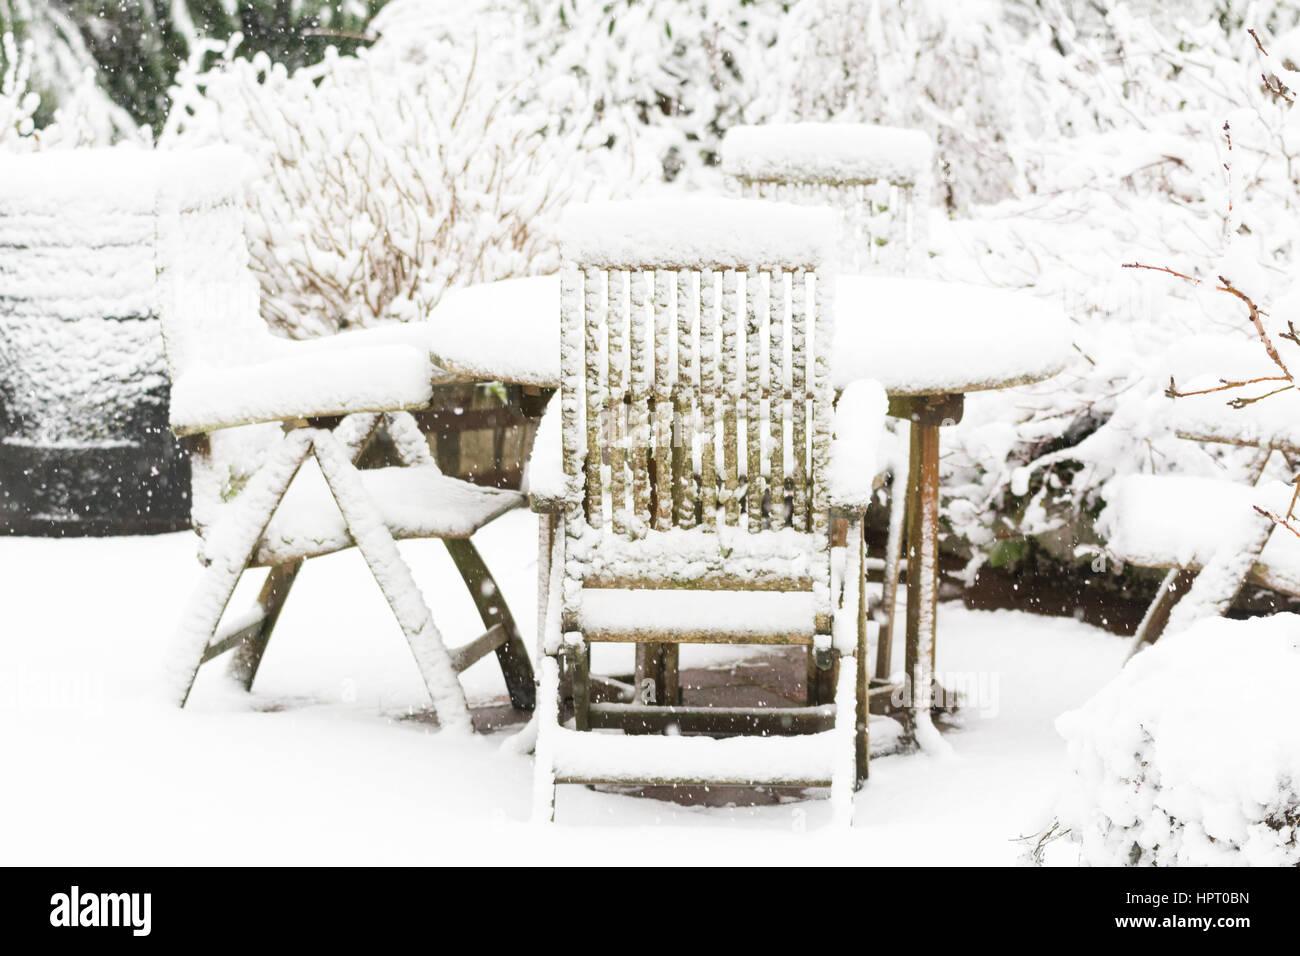 Garten im Schnee - Gartenmöbel, Tisch und Stühle im tiefen Schnee bedeckt Stockbild